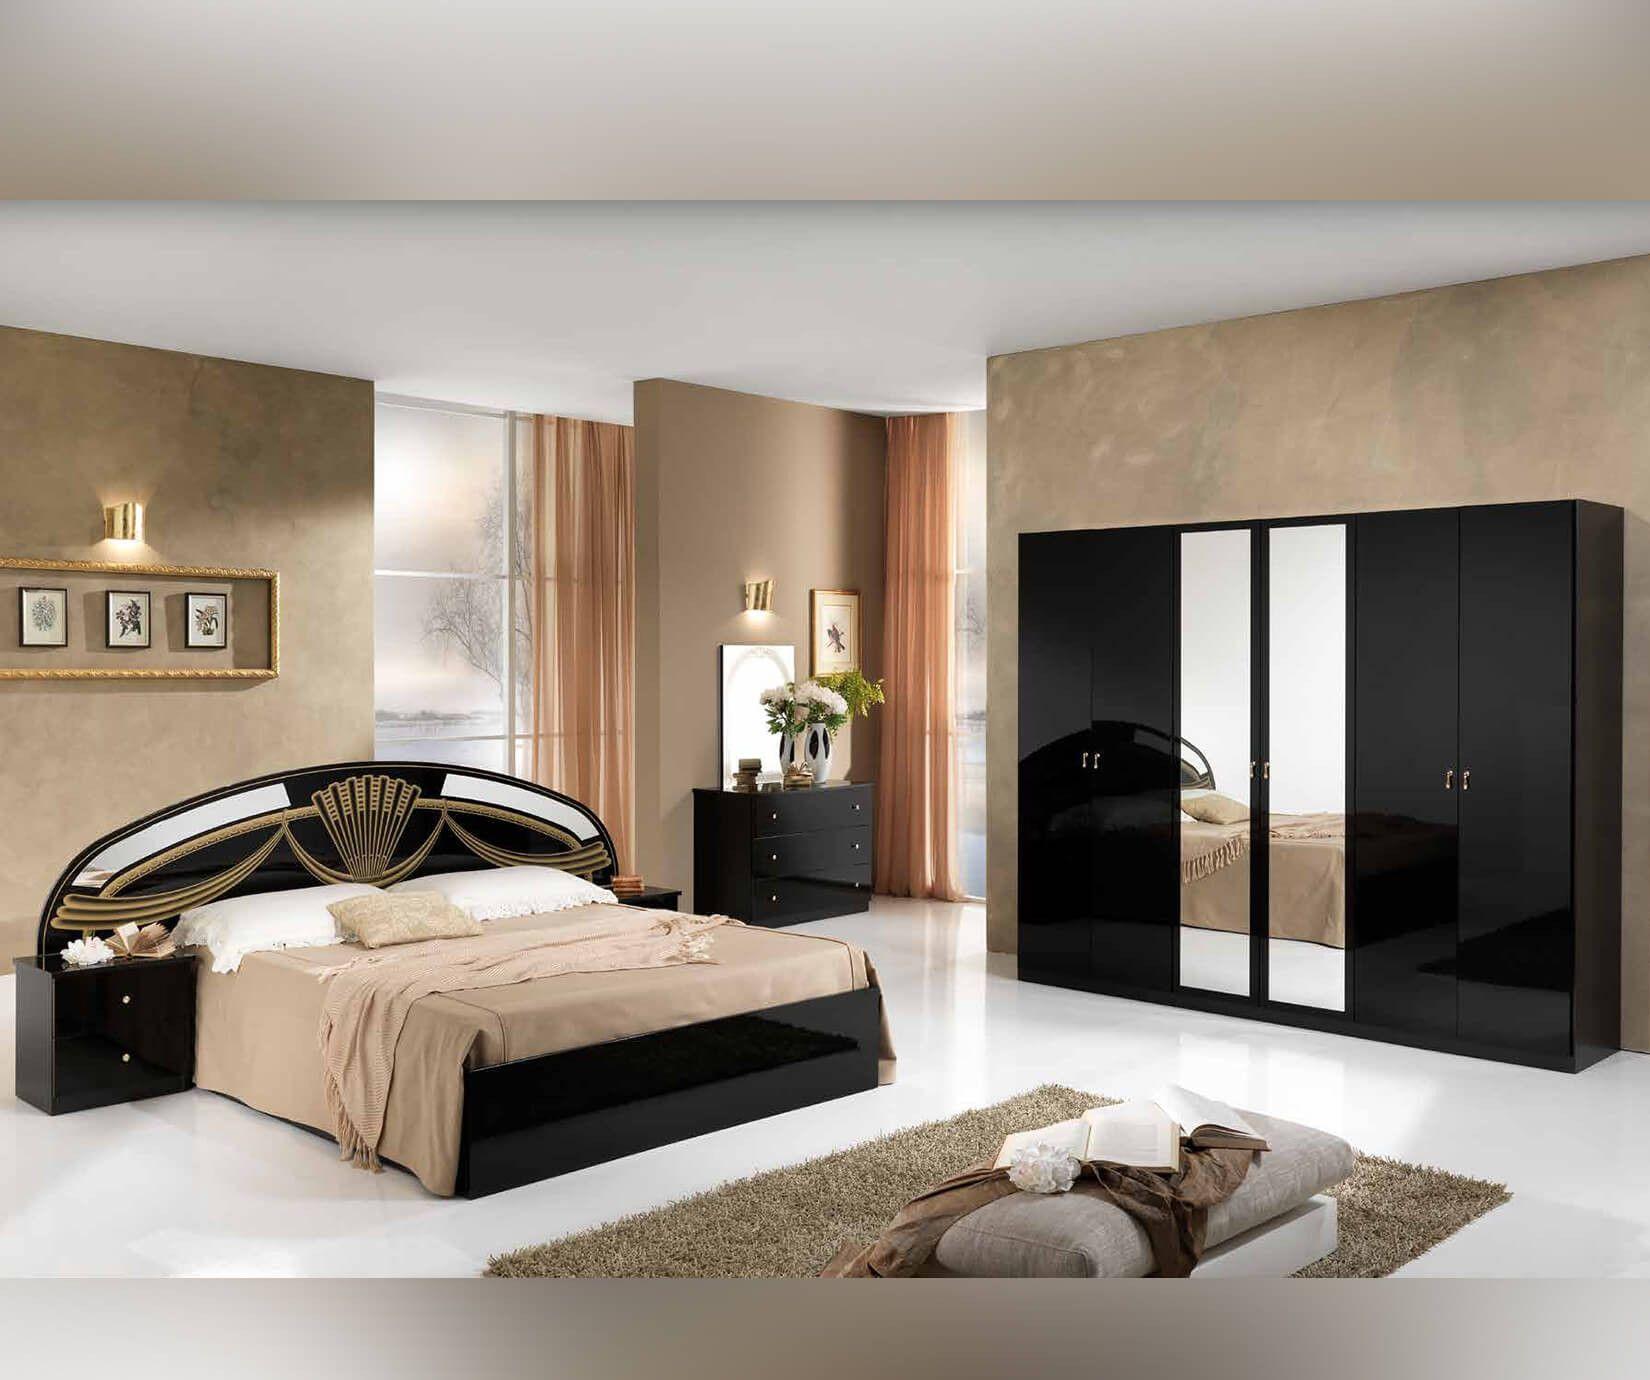 Italienische Stil Möbel Italienischen Bett Designs In Holz ...